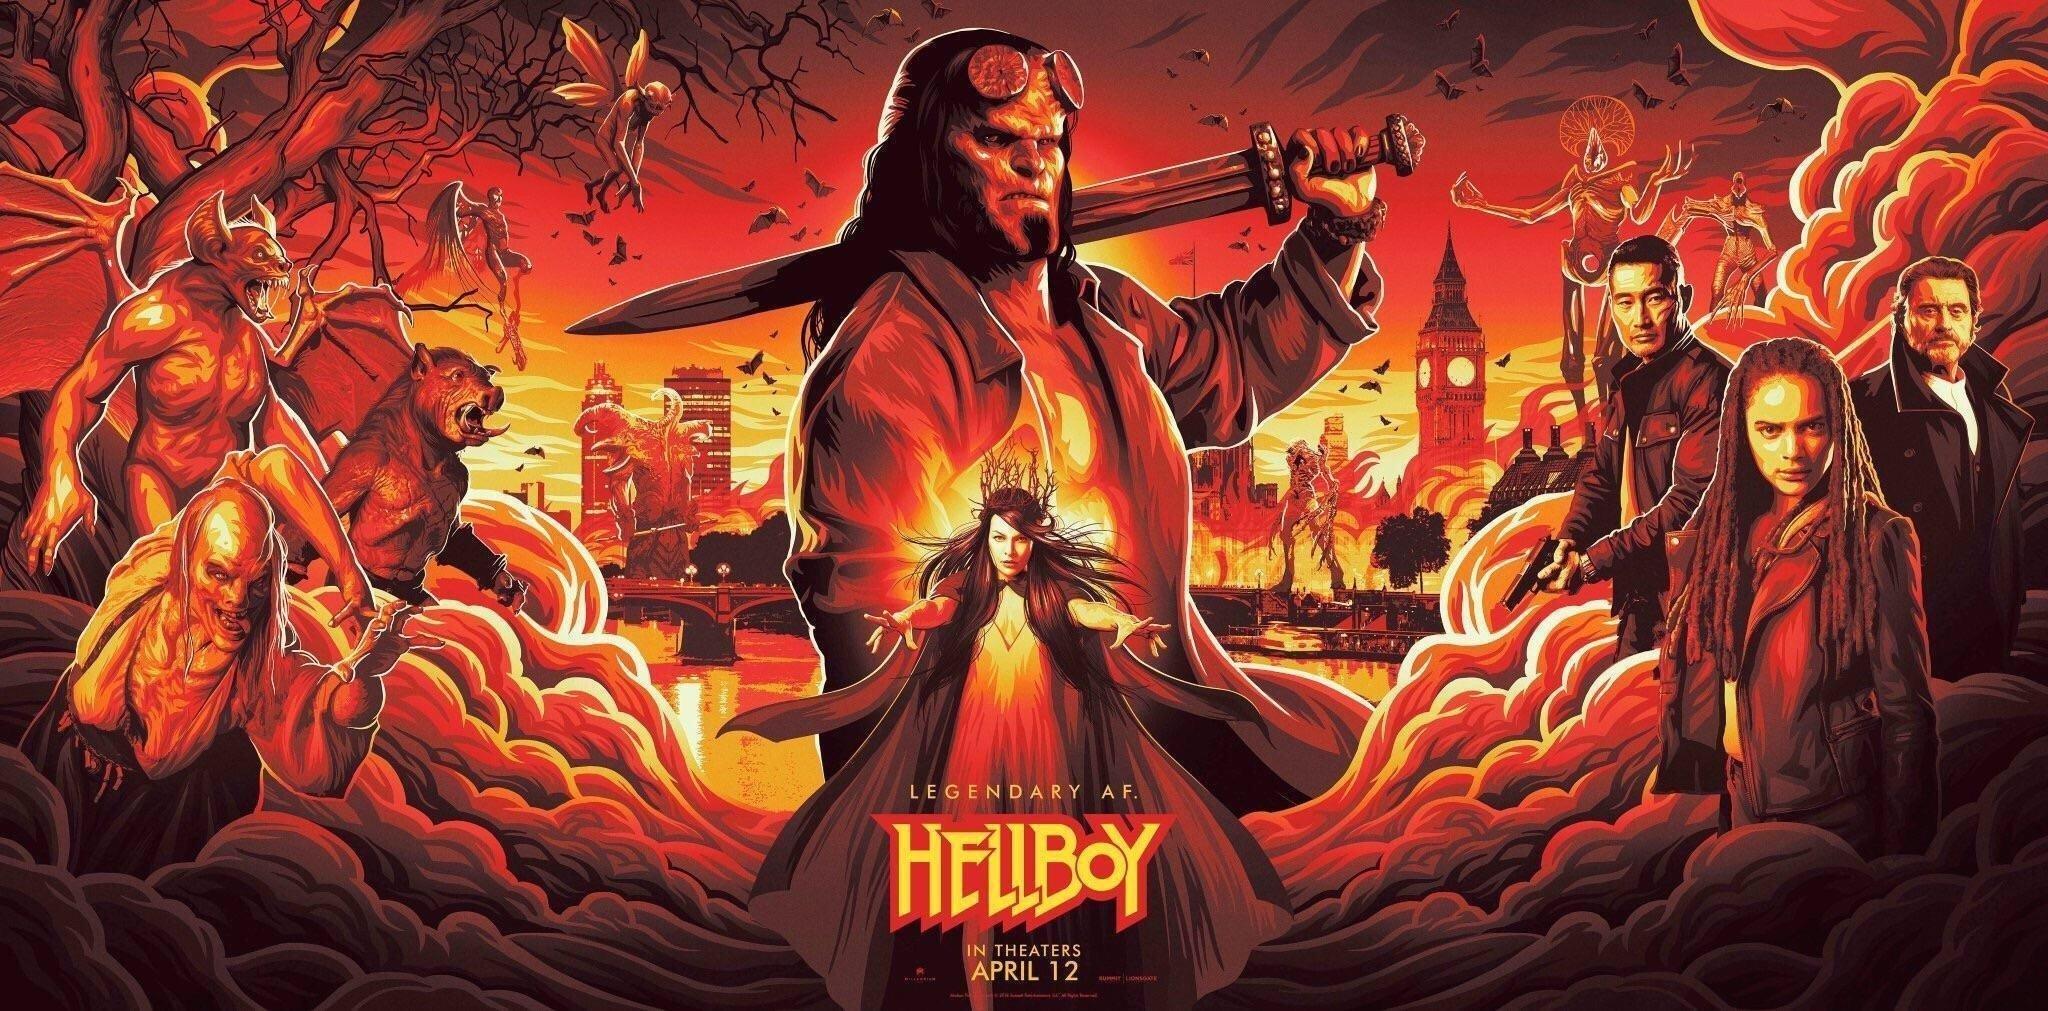 Bannière du film Hellboy réalisé par Neil Marshall pour la NYCC 2018